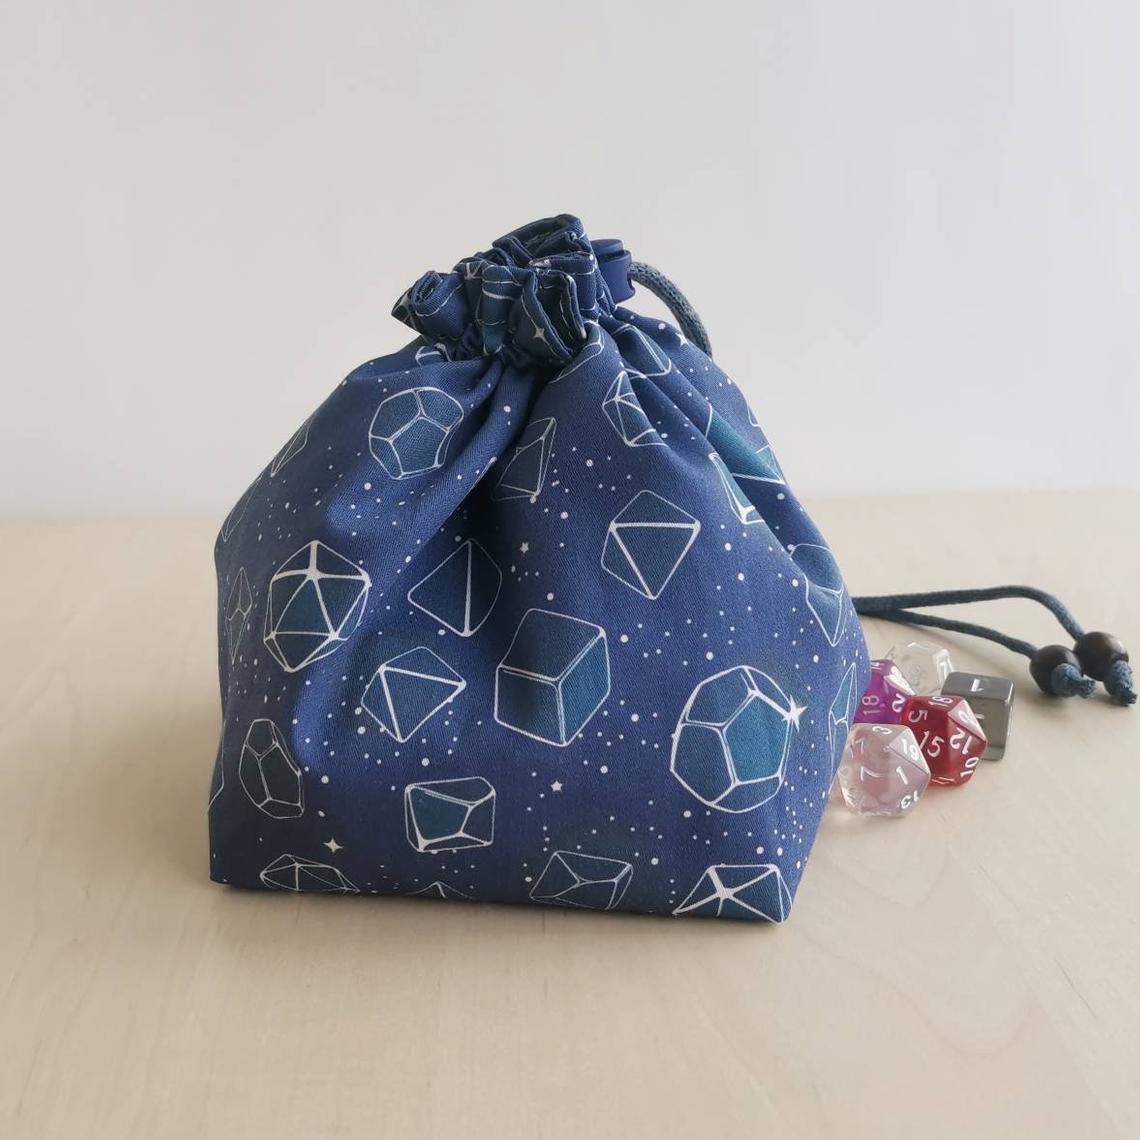 Blue cotton dice bag